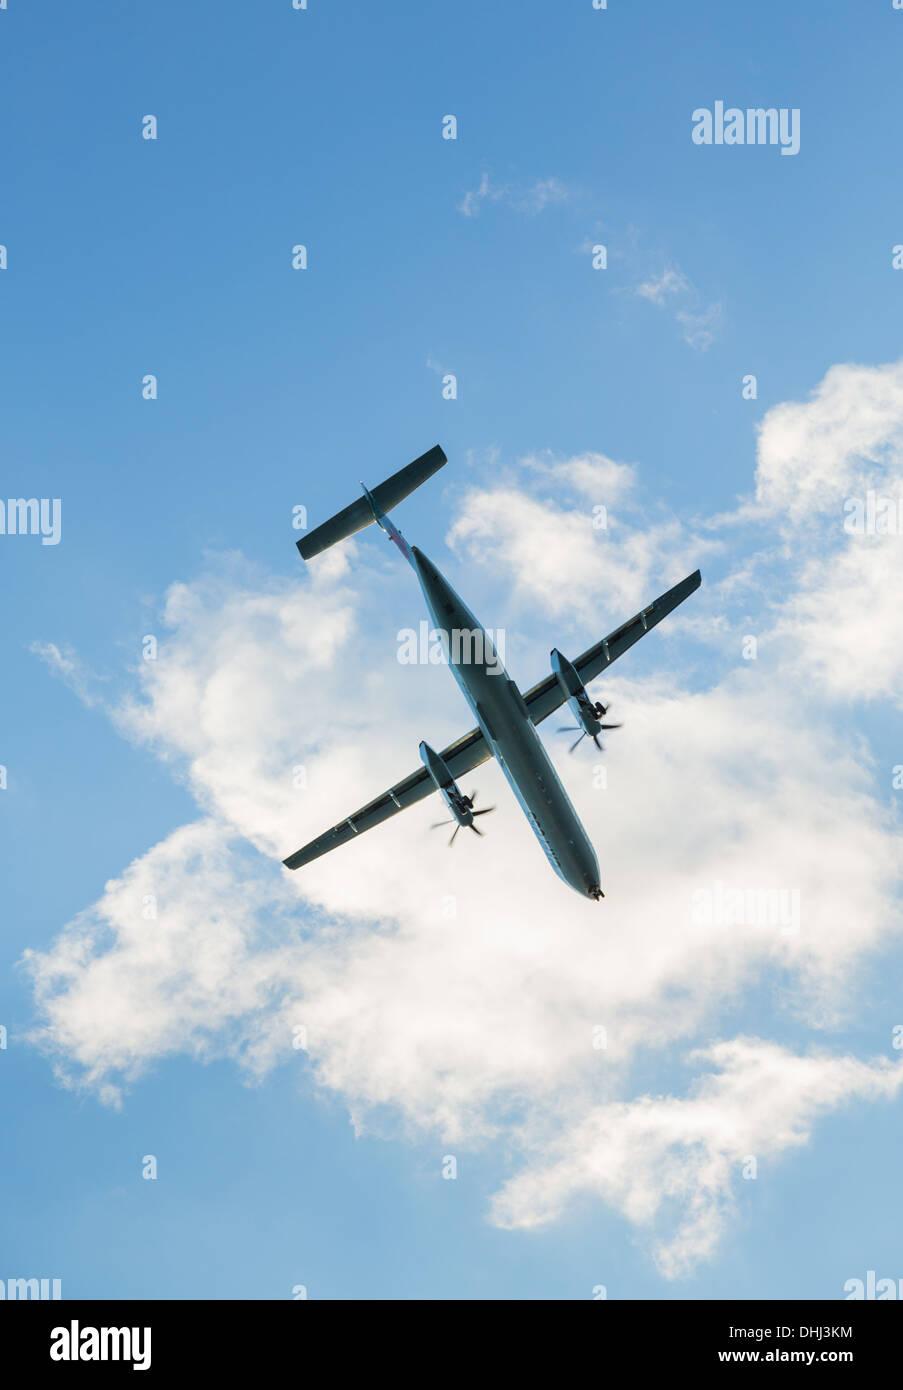 Avion / avion turbopropulseur Photo Stock